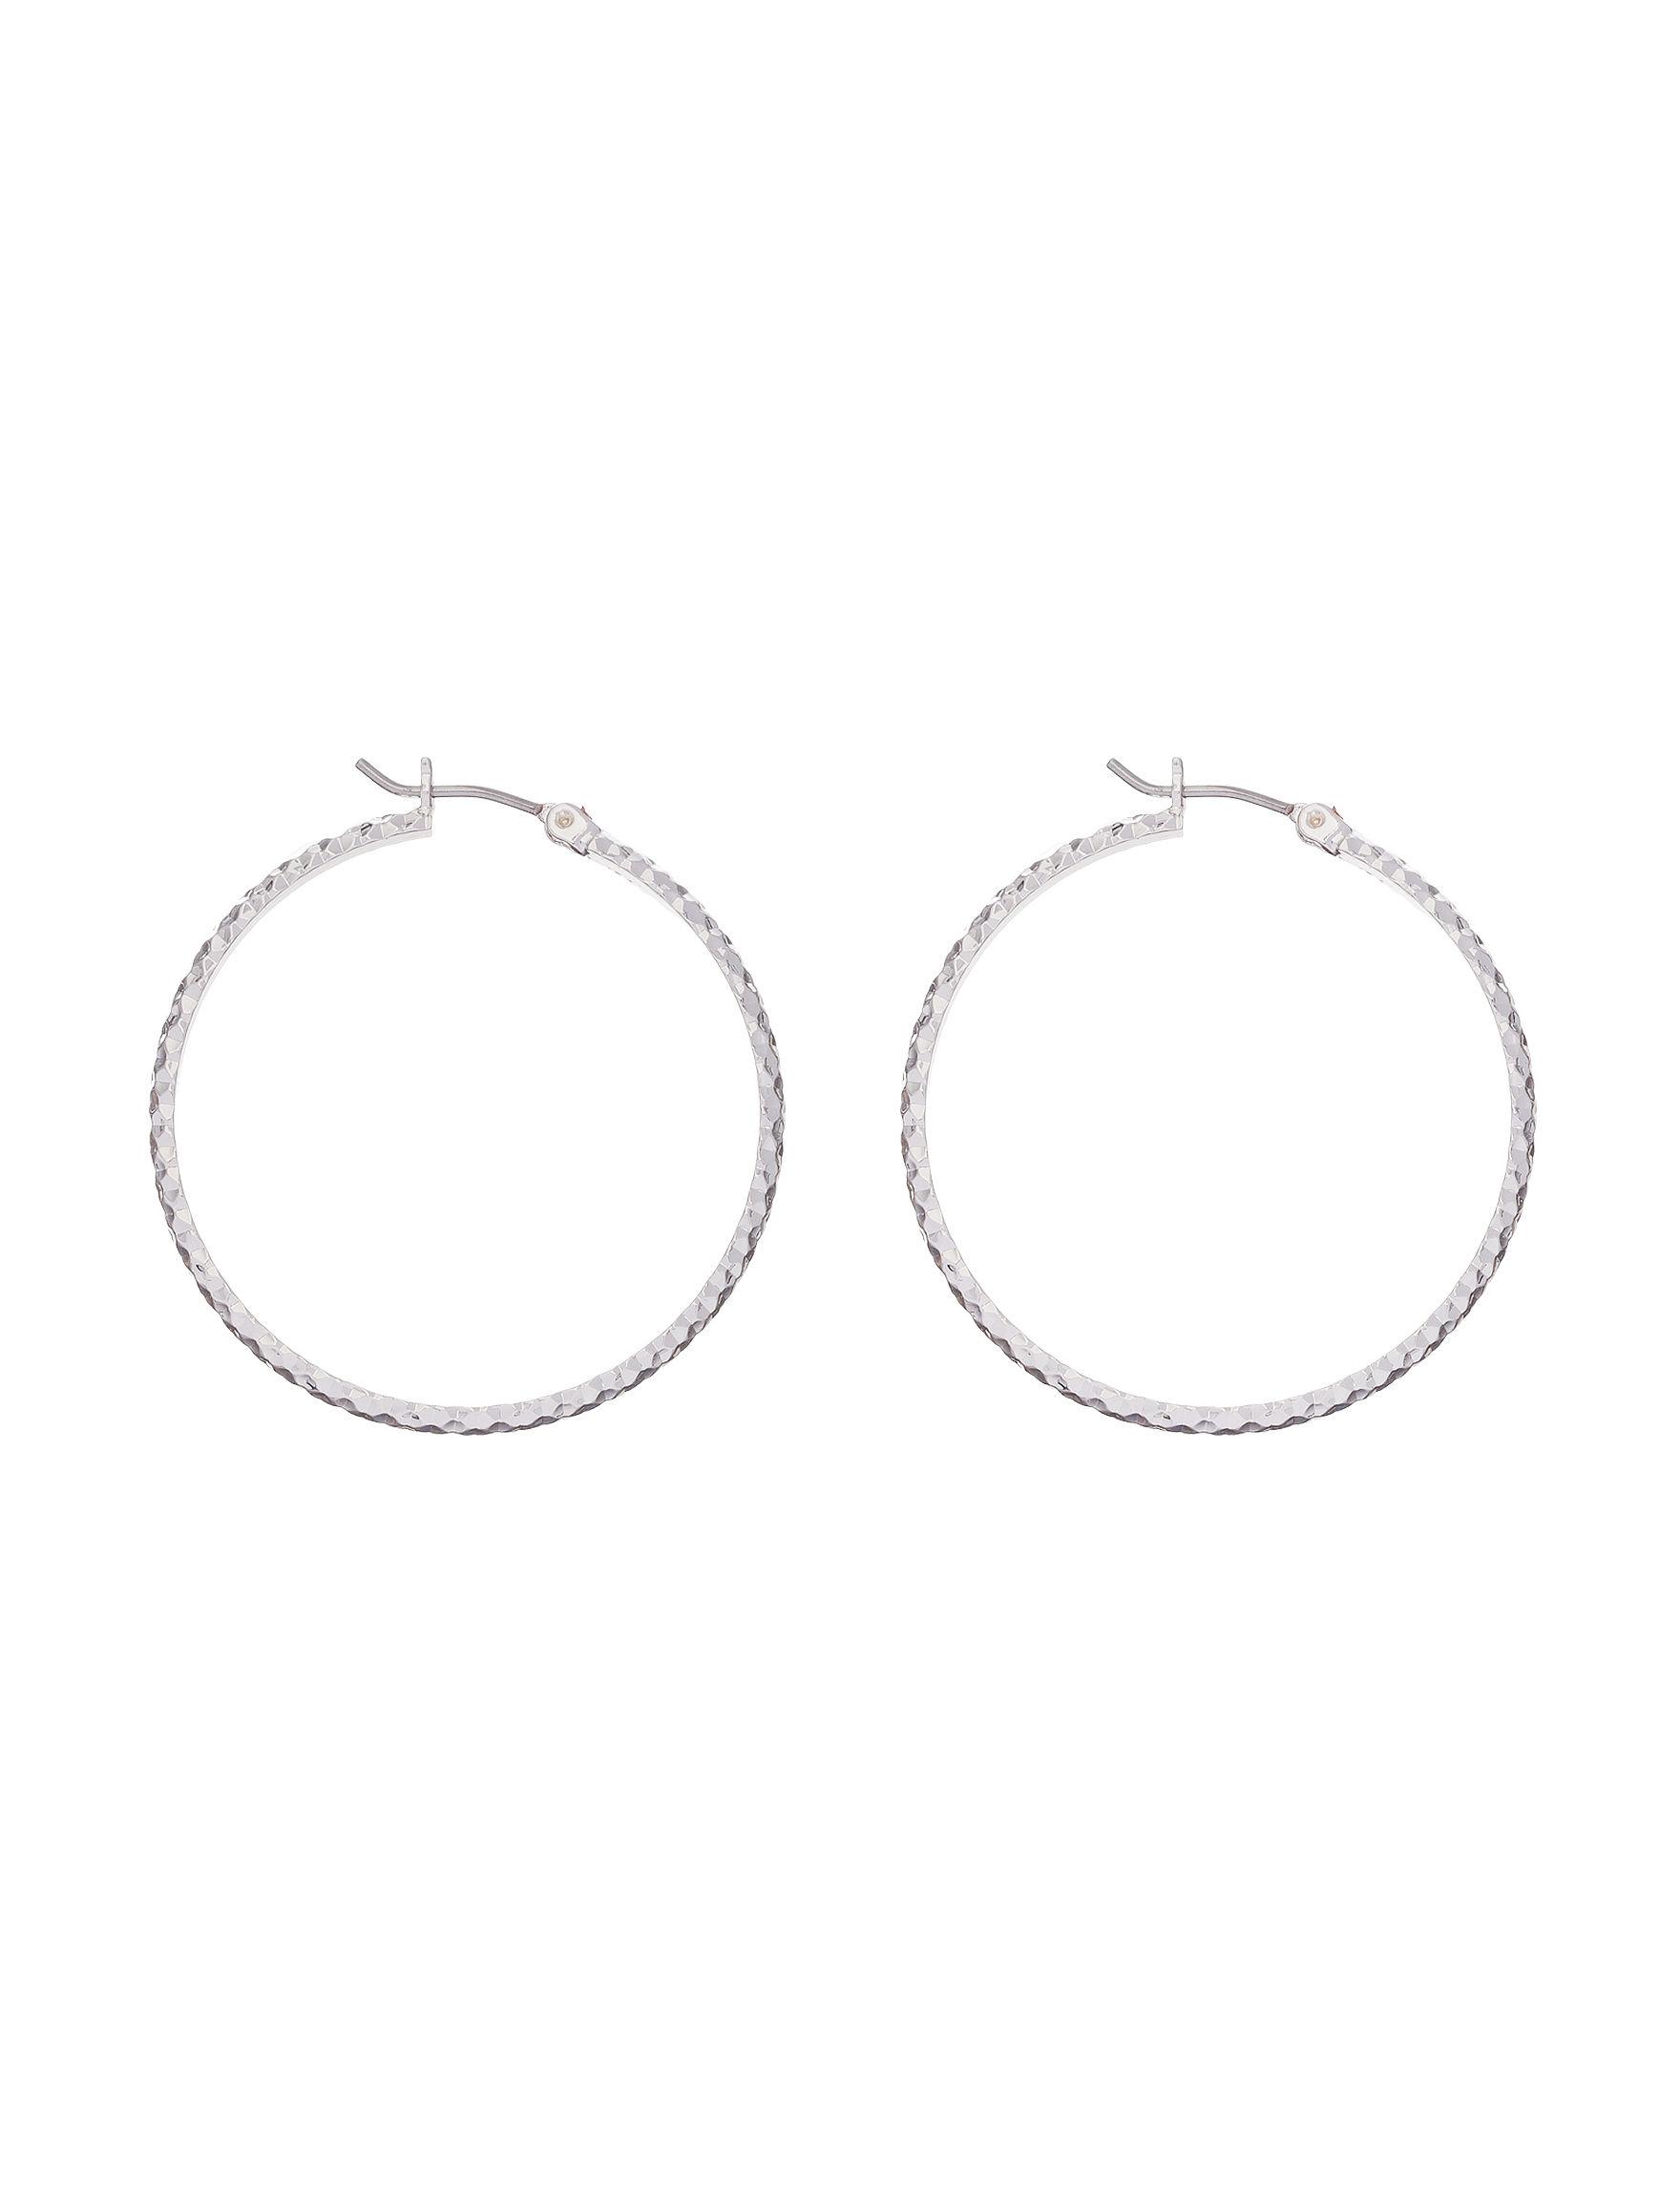 Roman  Hoops Earrings Fashion Jewelry